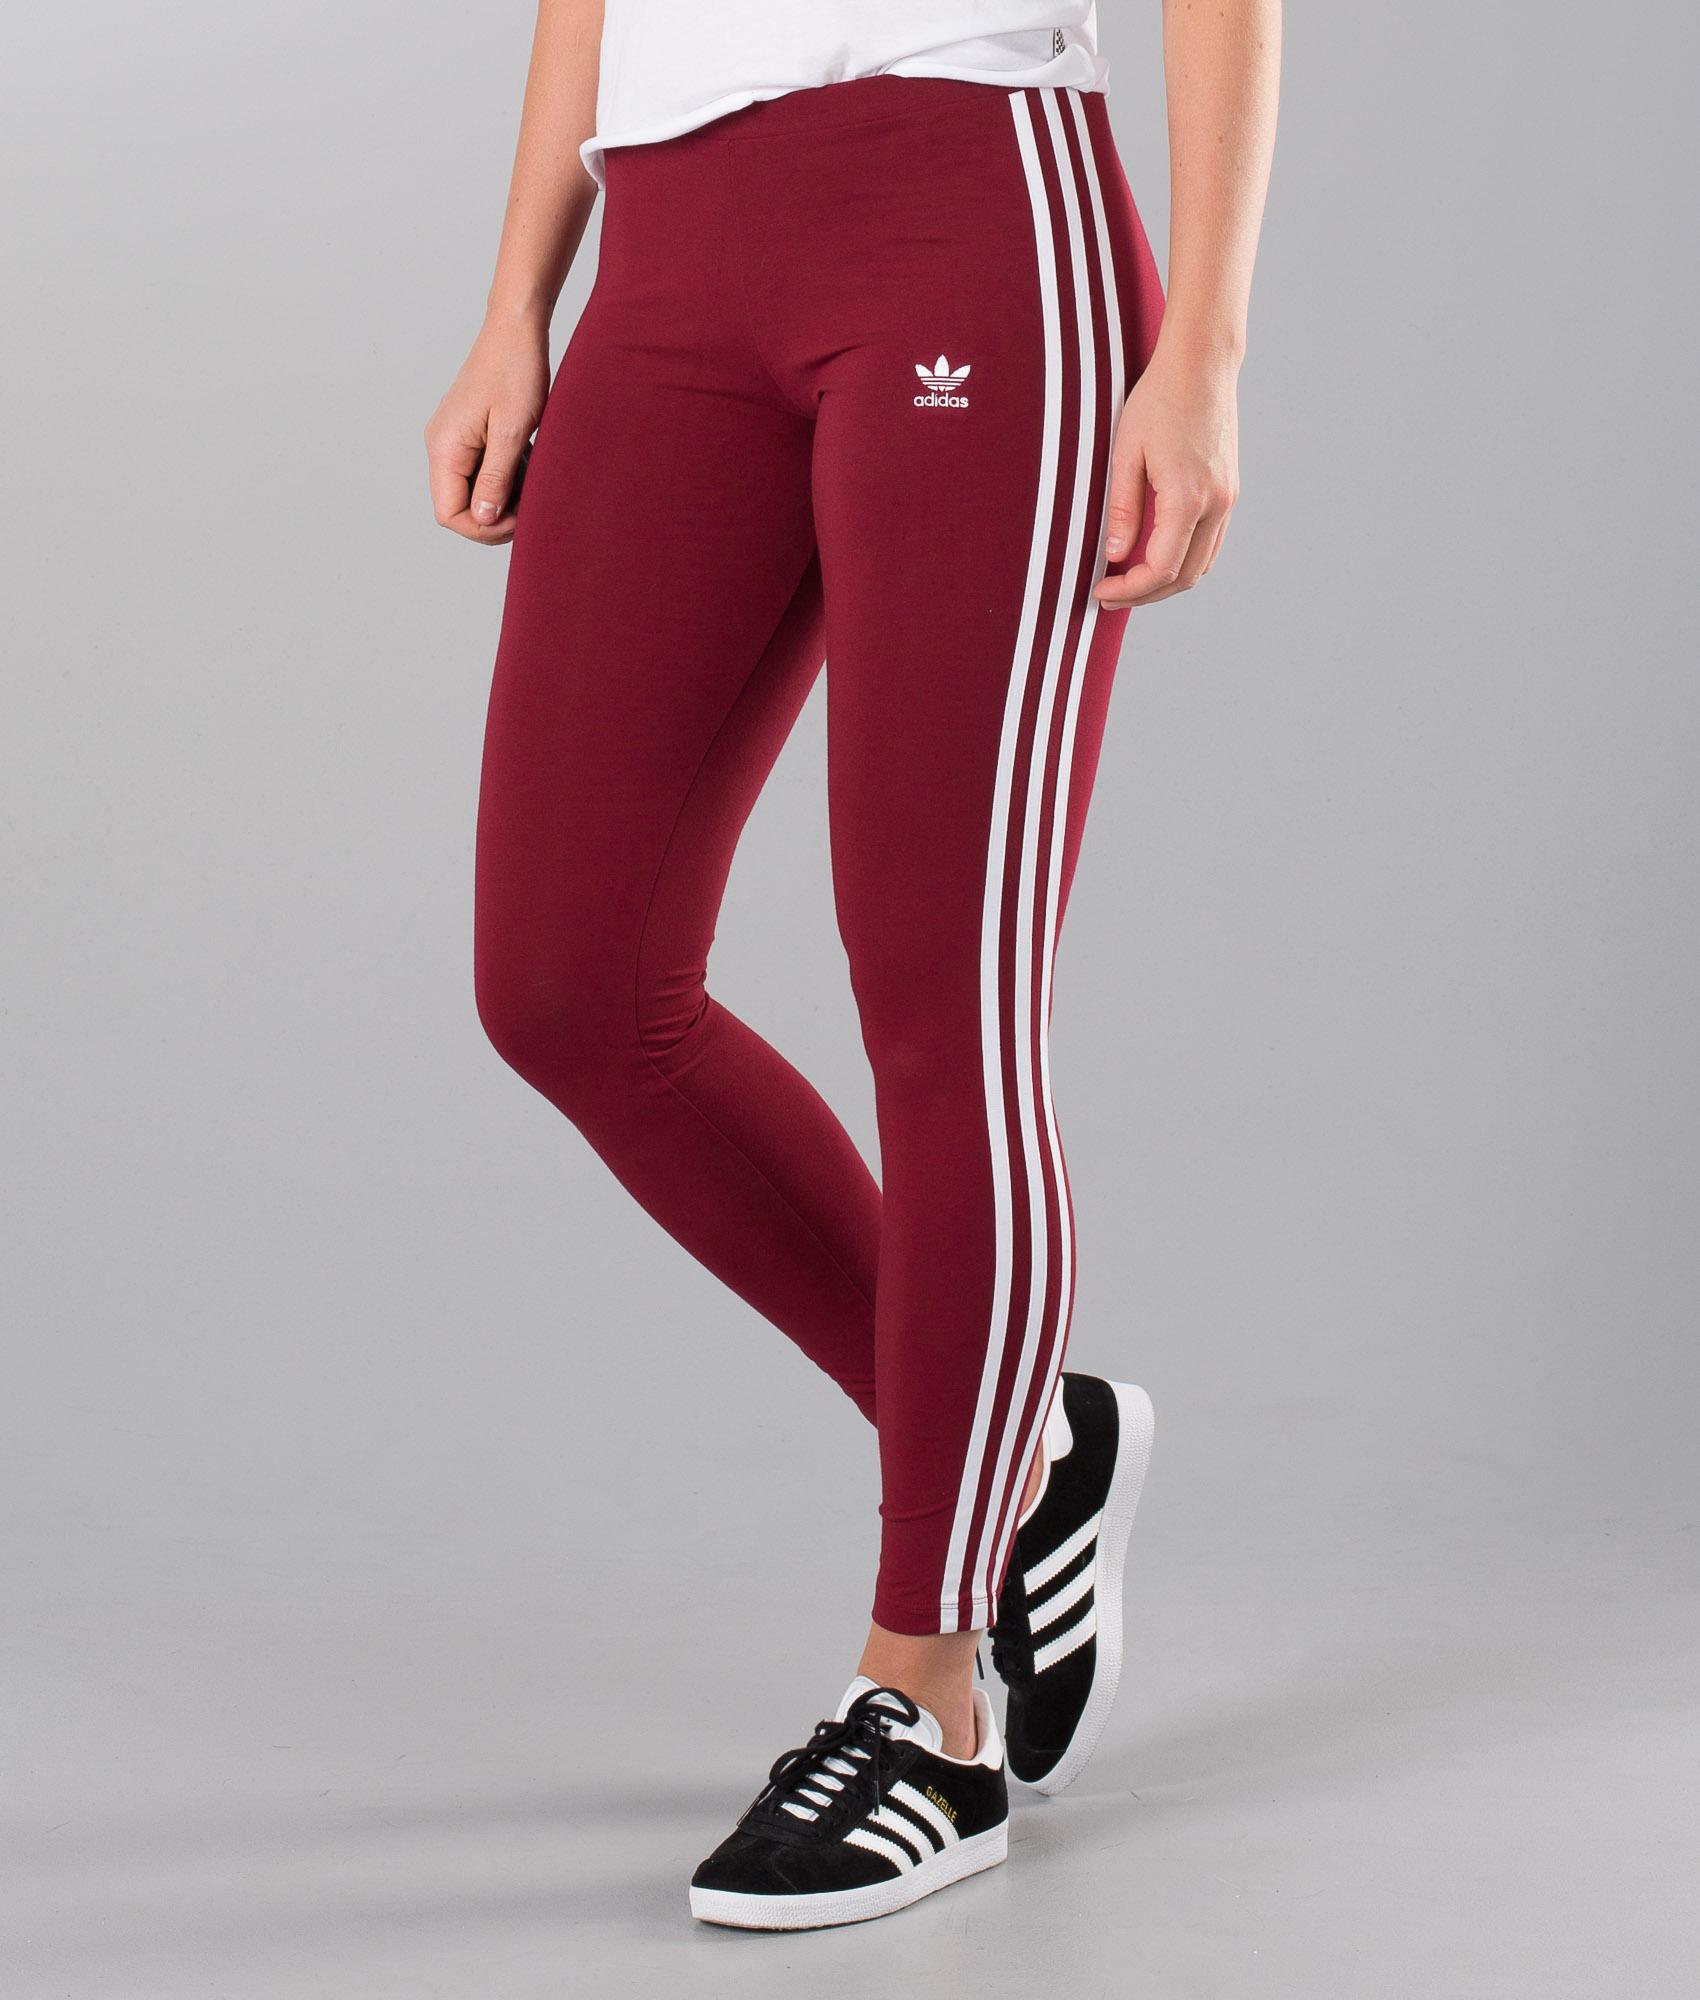 Stripes it Originals Adidas Burgundy Ridestore Leggings 3 Collegiate 8RqnvOf